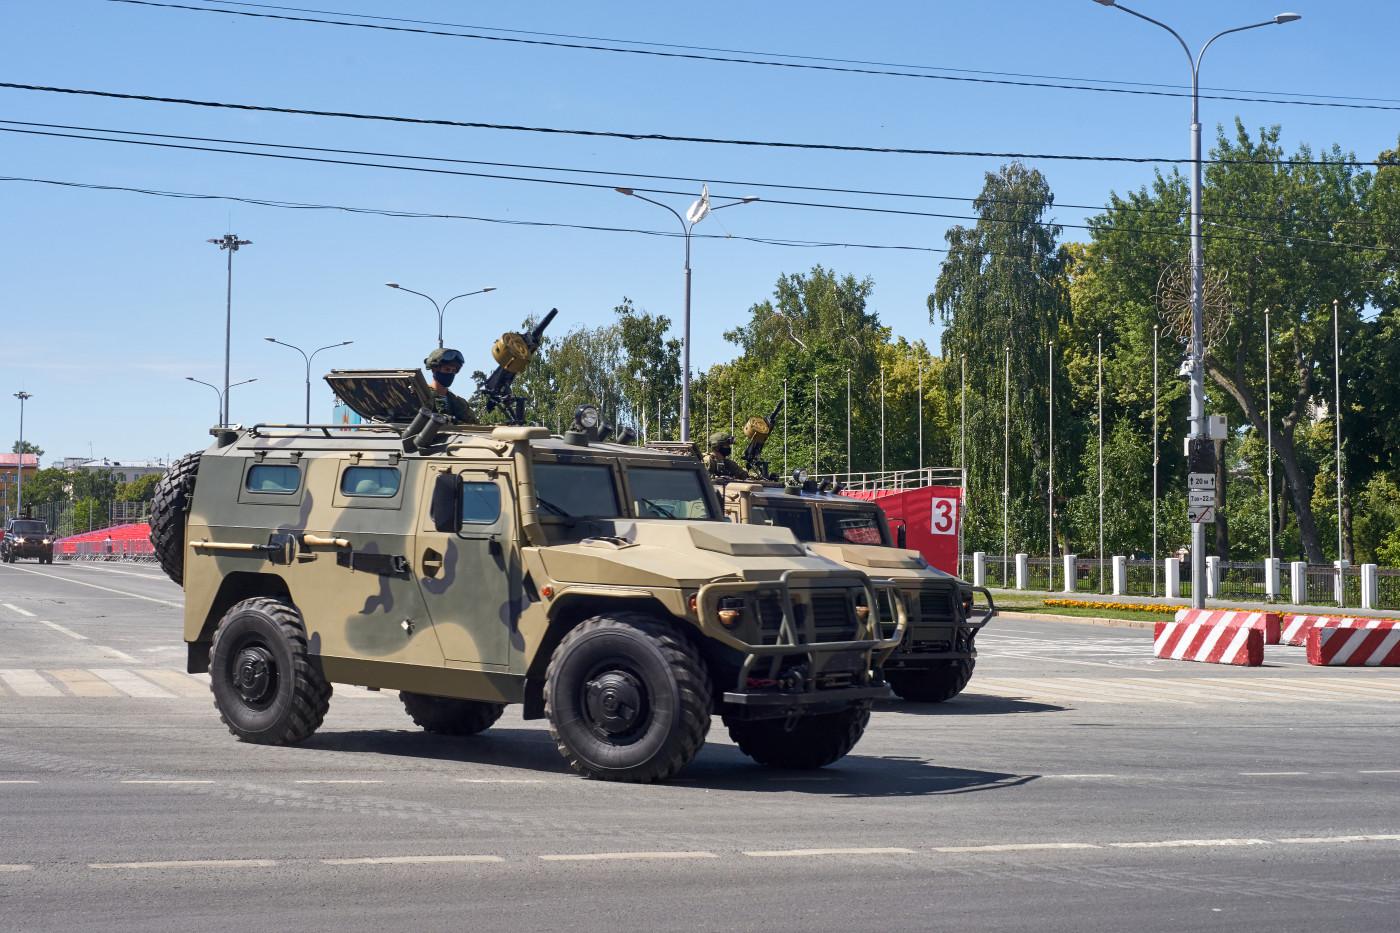 """бронеавтомобиль ГАЗ-233014 """"Тигр"""" парадного расчета. г. Самара, ул. Вилоновская"""